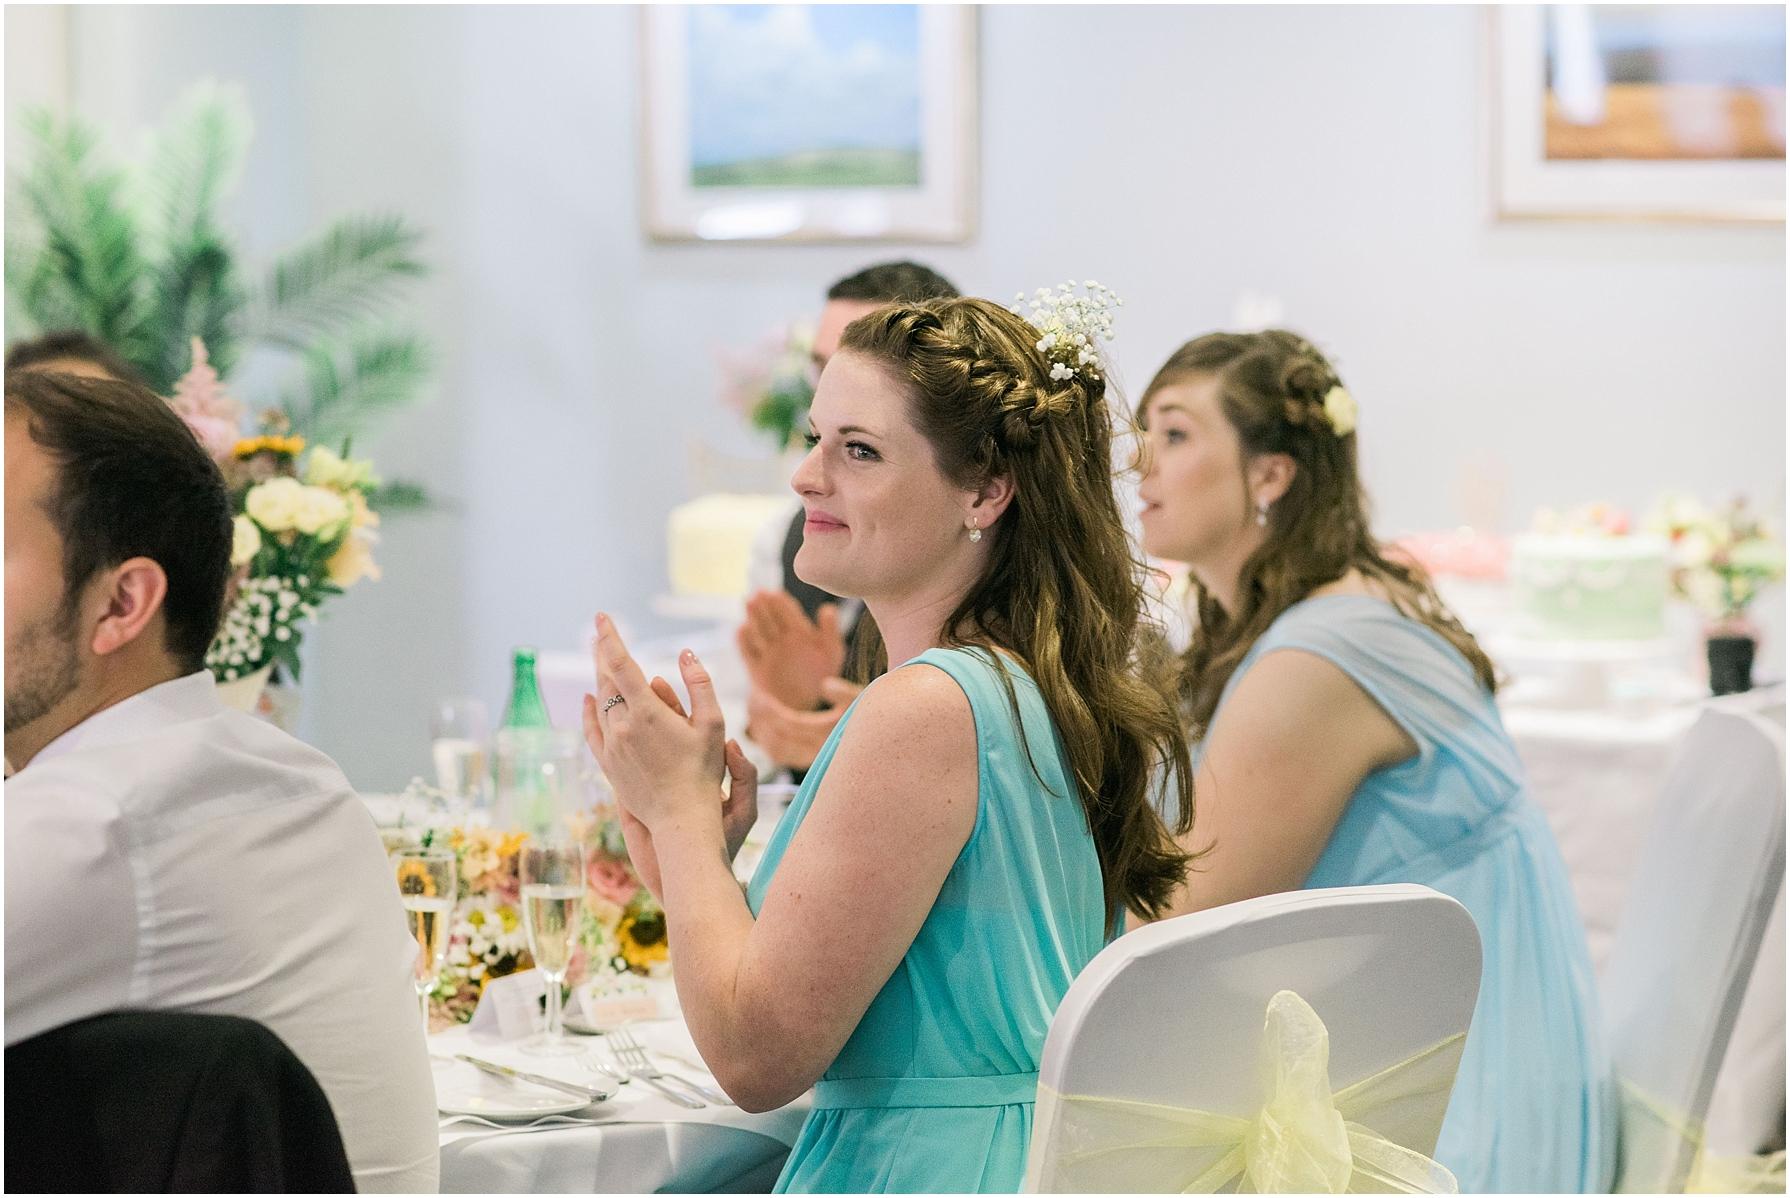 chiseldon house hotel pastel wedding